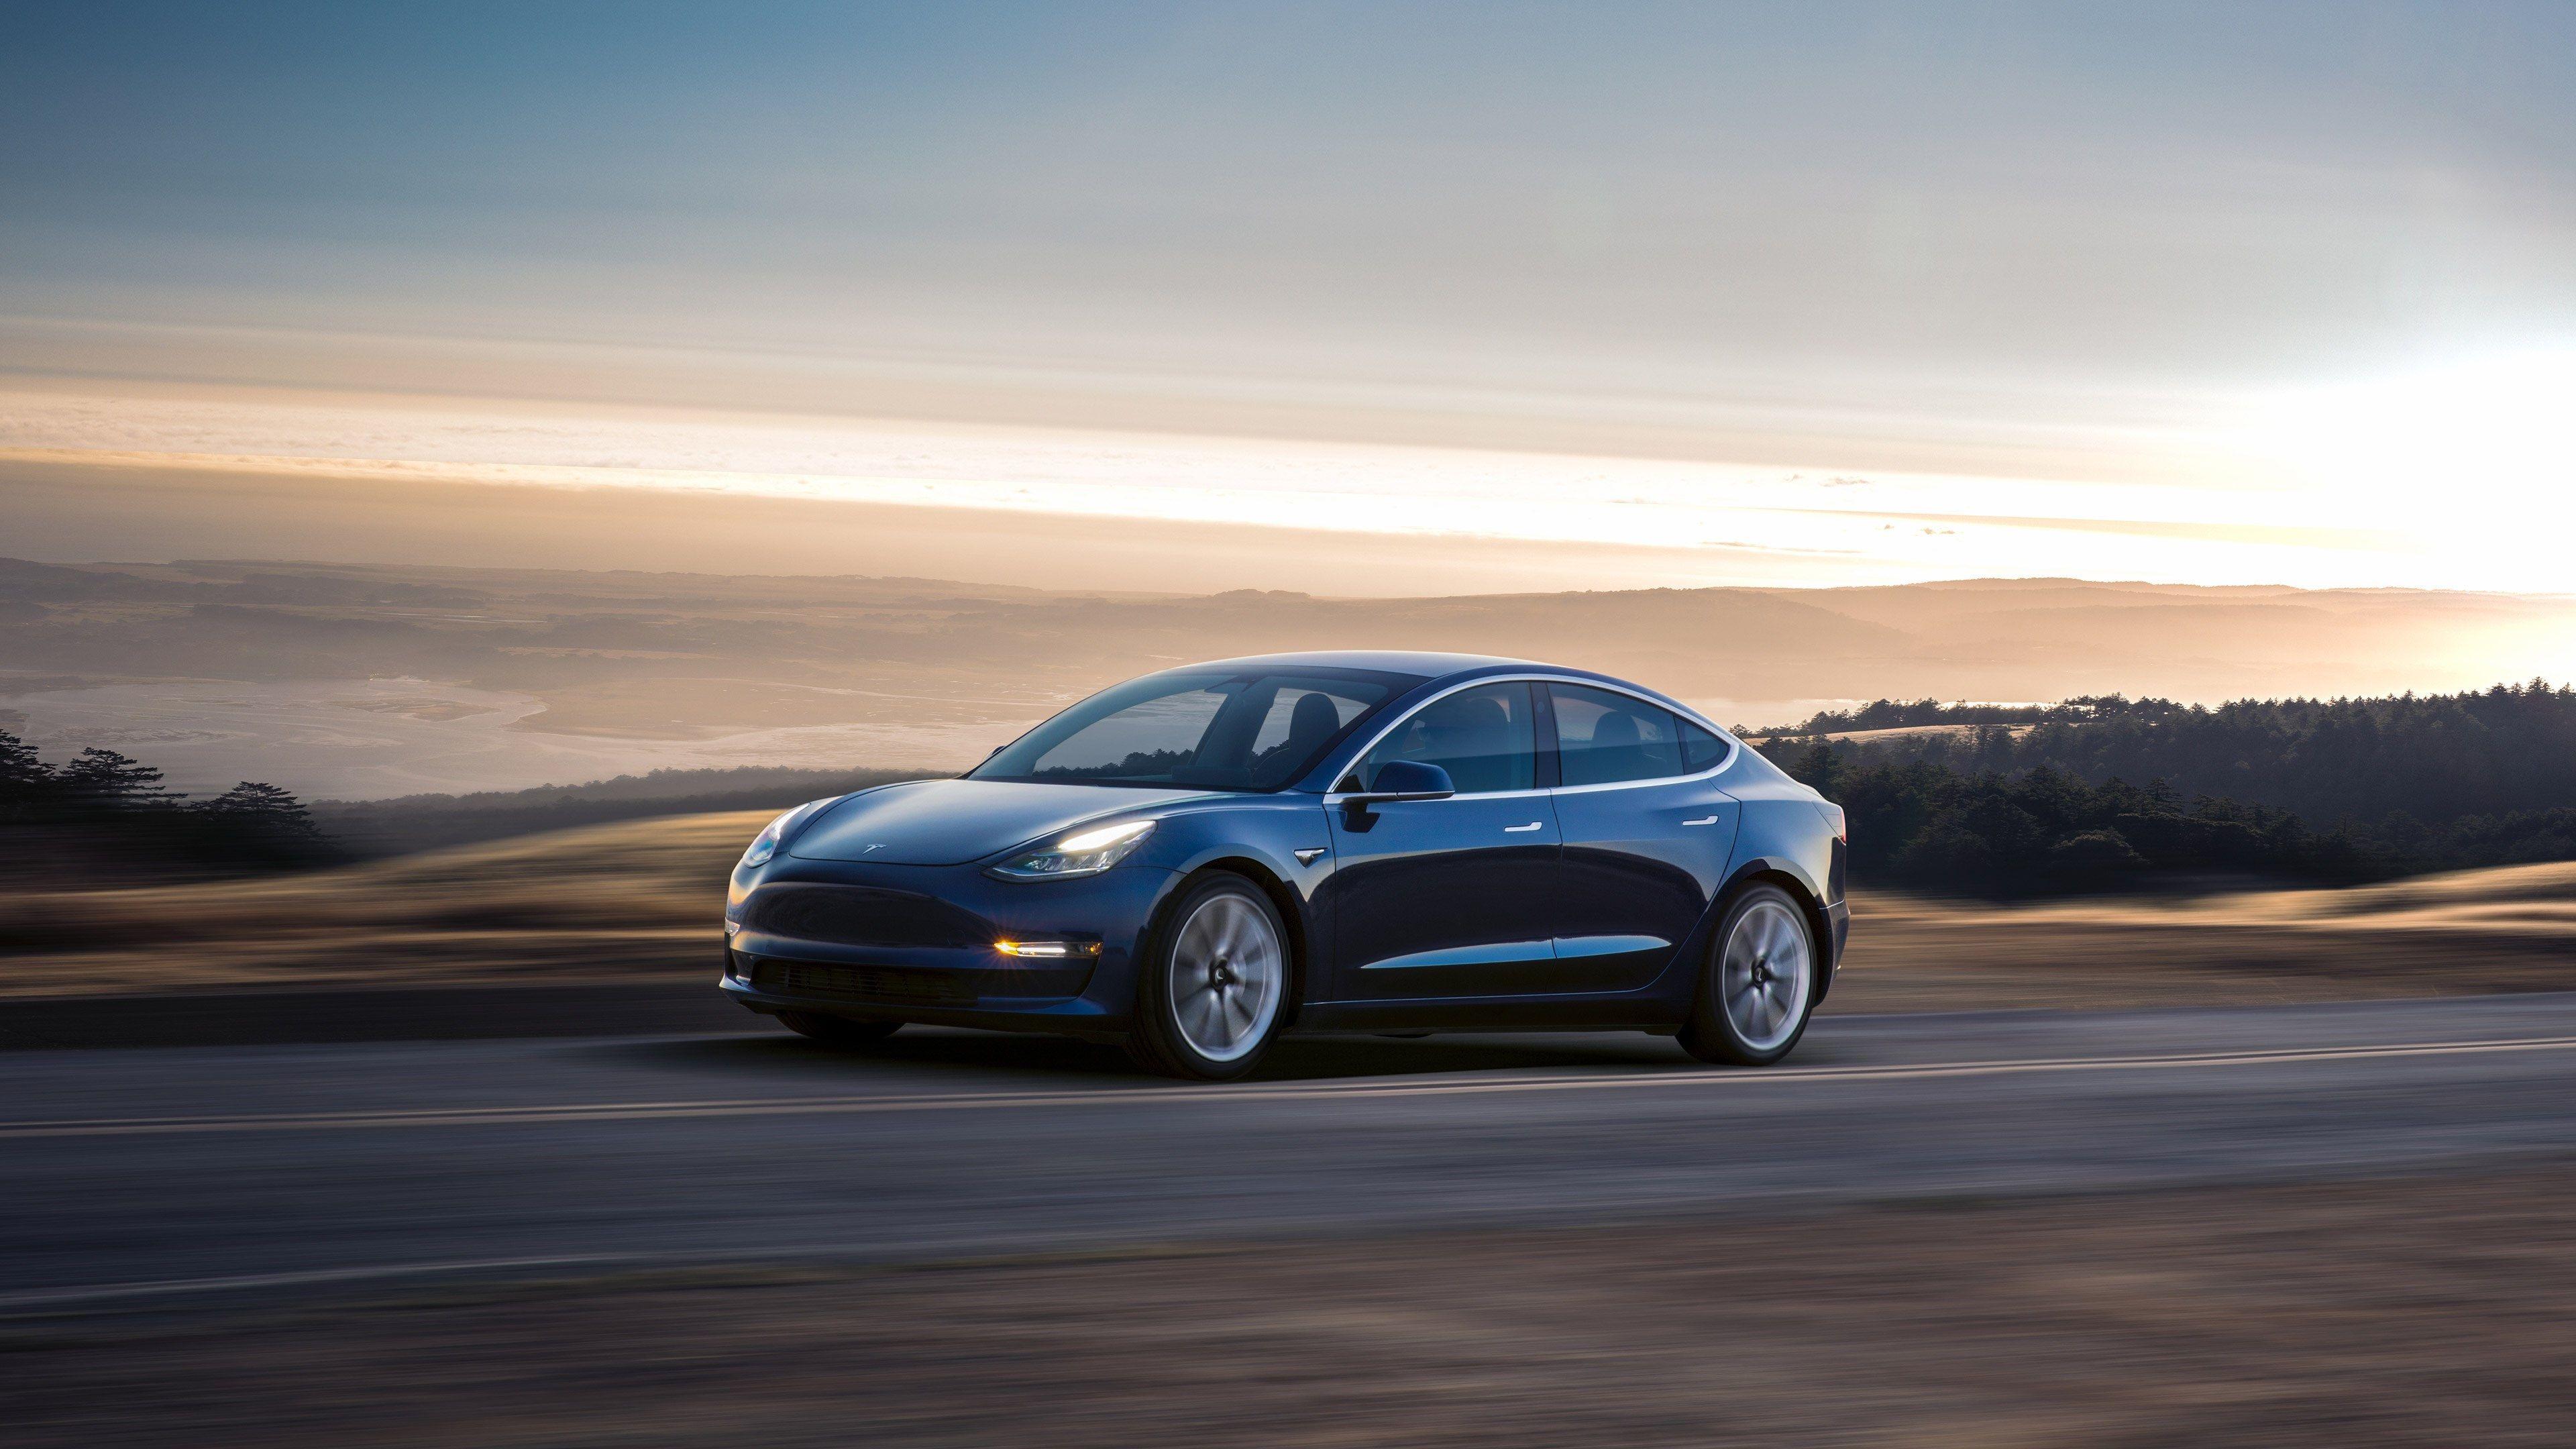 3840x2160 Tesla Model 3 4k Wallpaper Hd Backgrounds Images Tesla Model Tesla Model S Tesla